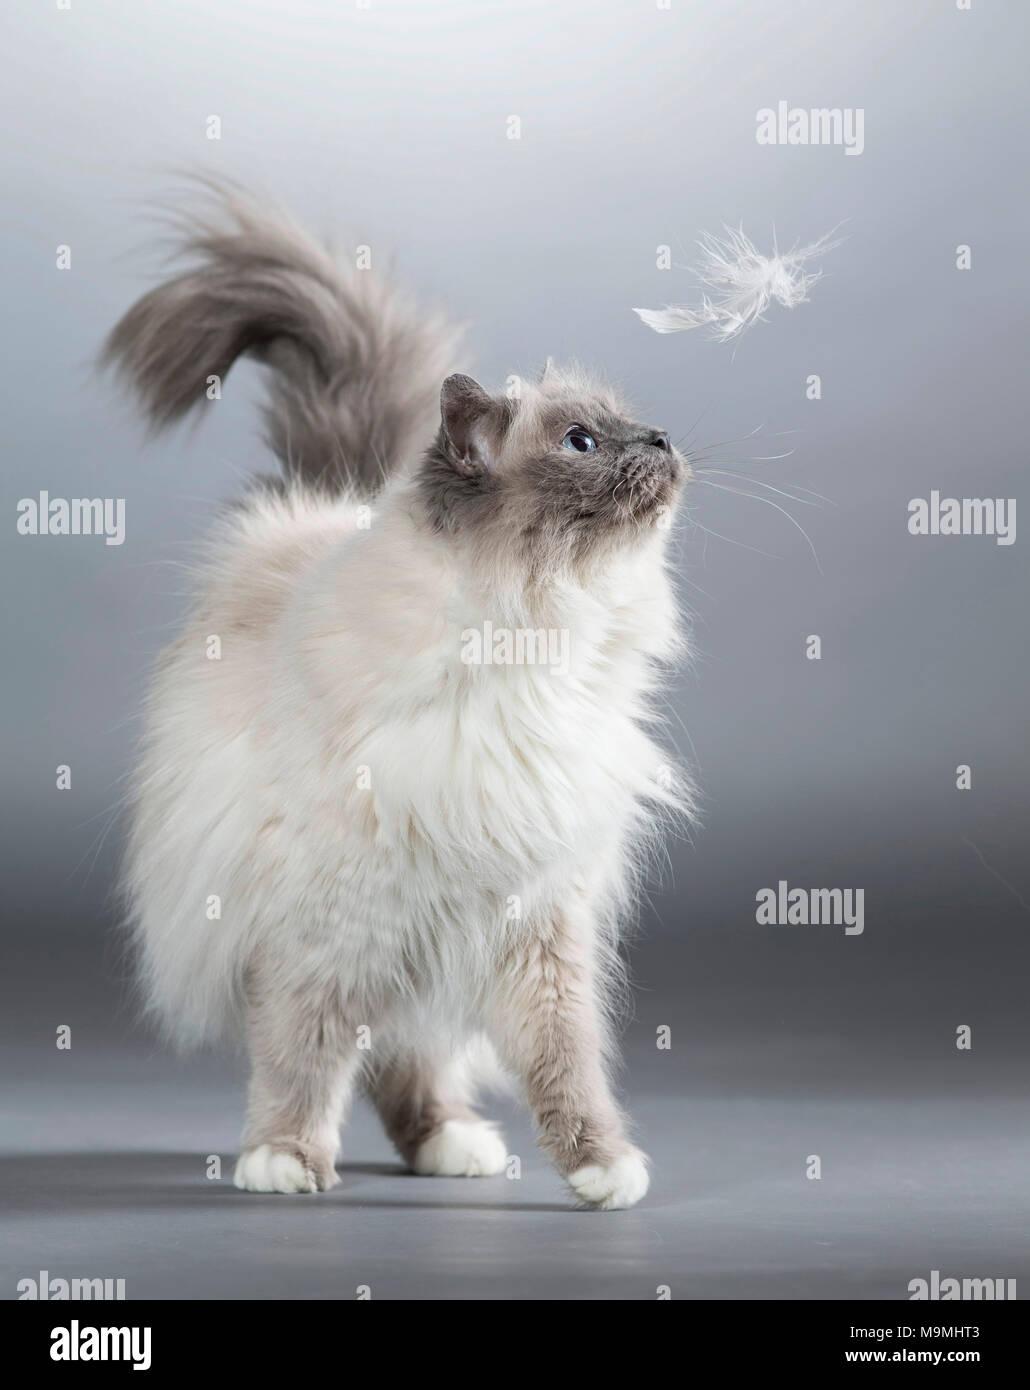 Chat Sacré de Birmanie. Chat adulte regarder tomber vers le bas en plumes. Studio photo sur fond gris. Allemagne Photo Stock